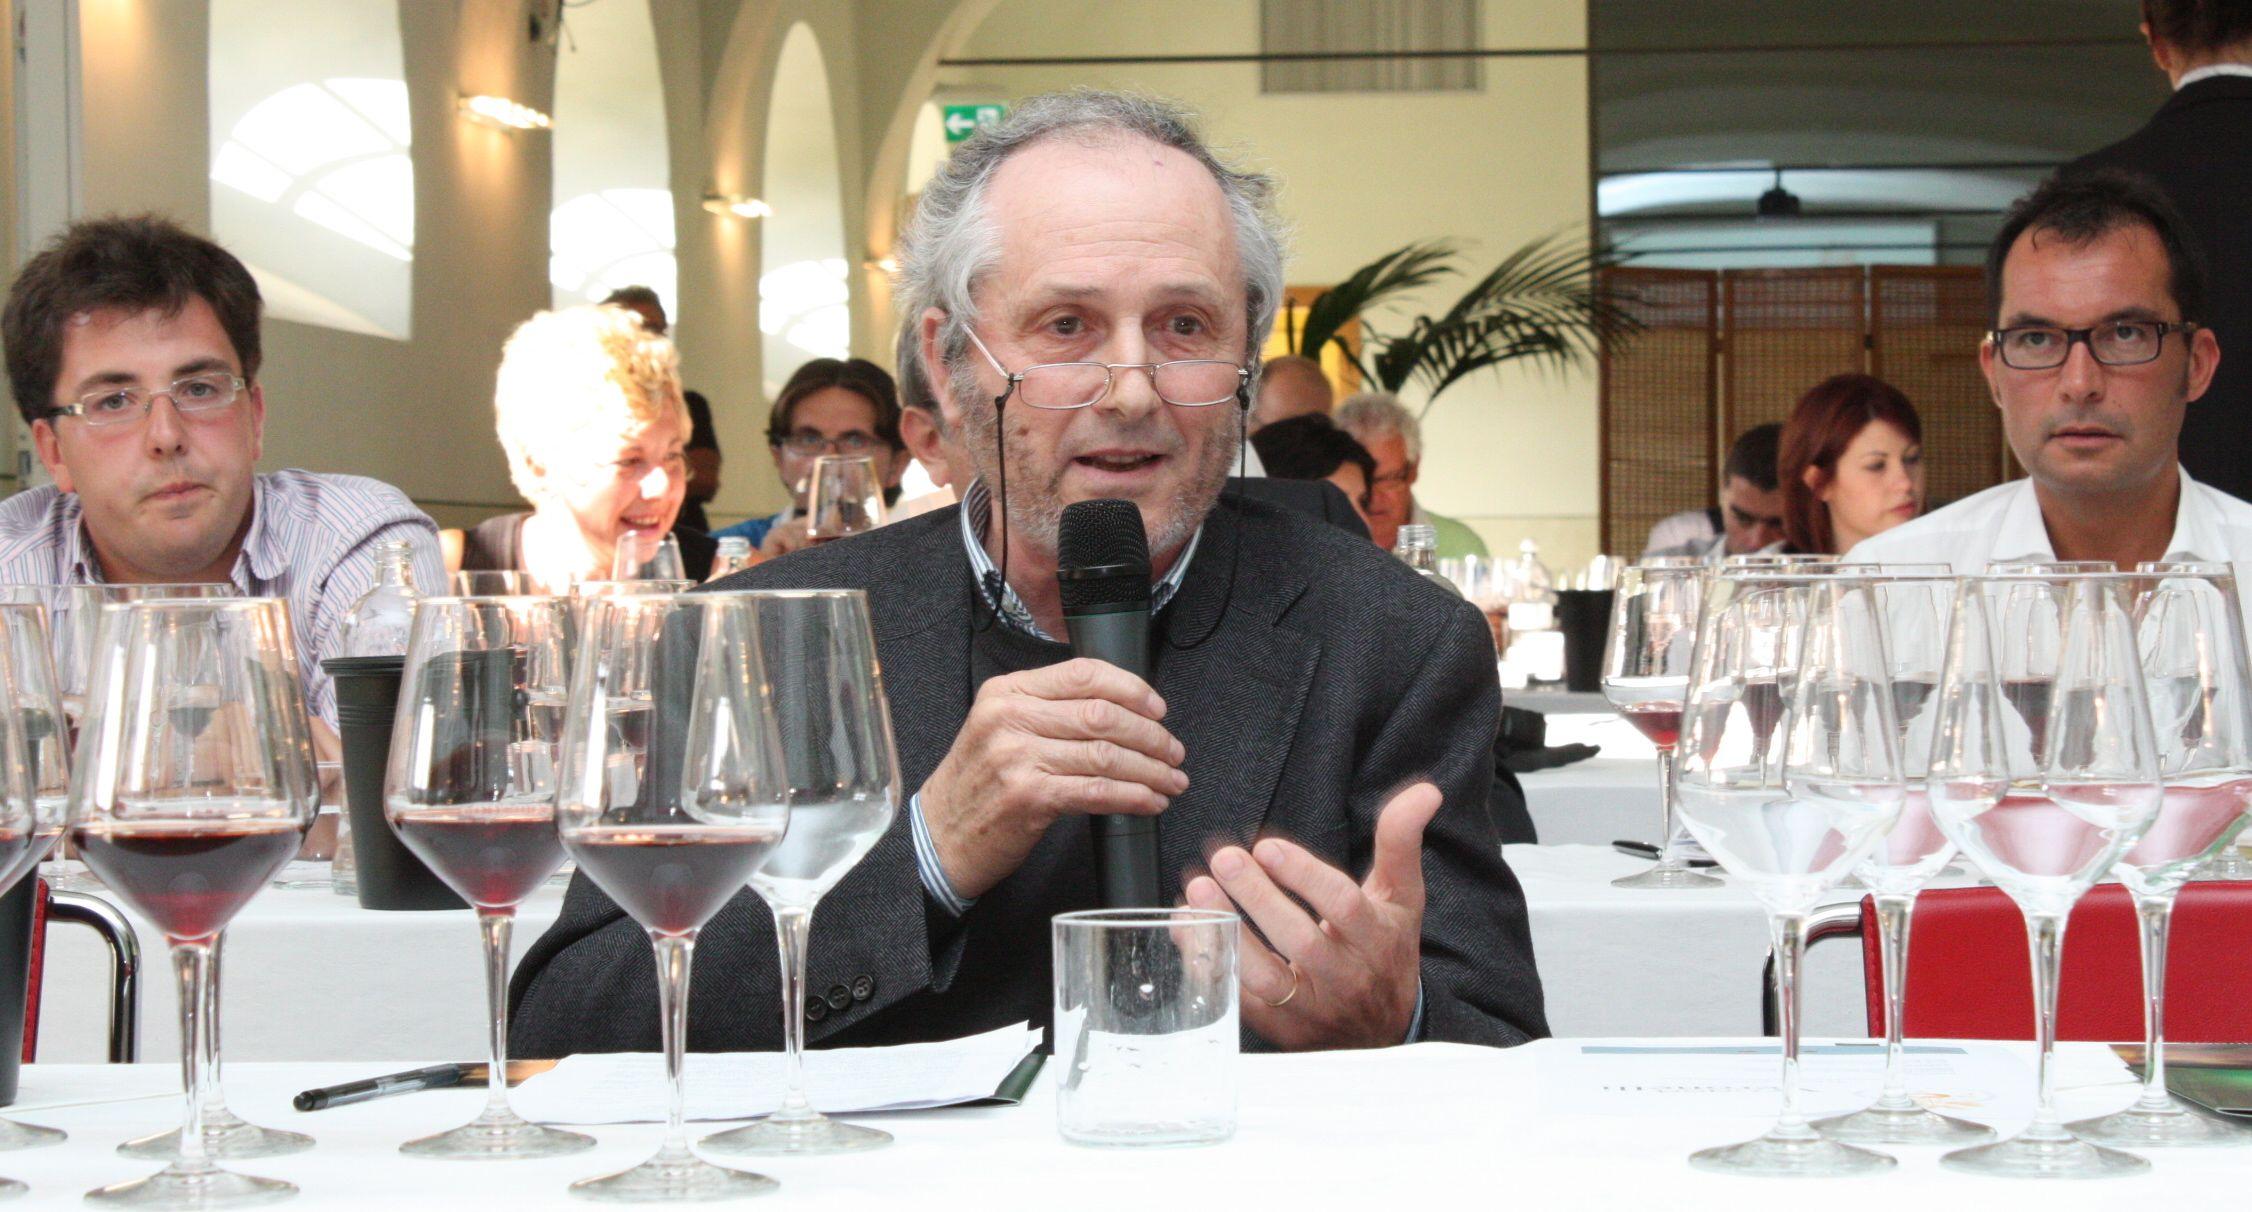 Ecco 50 migliori vini d'Italia per i Best Italian Wine Awards 2015. Vince il Barolo Monprivato 2010 di Giuseppe Mascarello